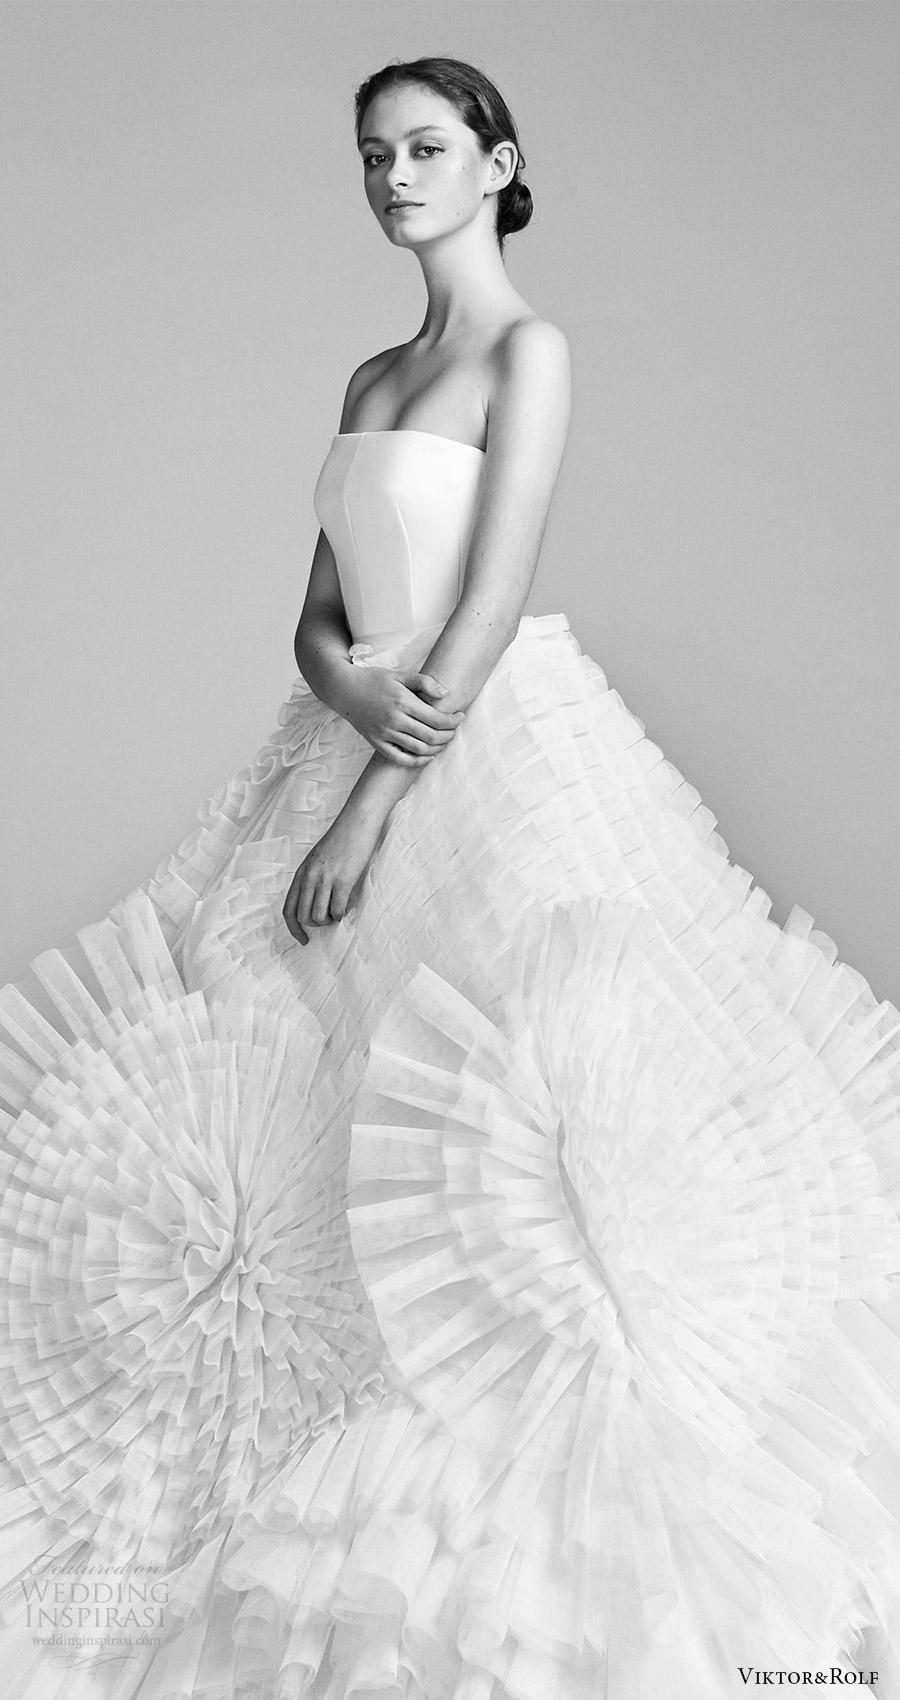 viktor and rolf spring 2018 bridal strapless straight across ball gown wedding dress (5) zv ruffle skirt modern